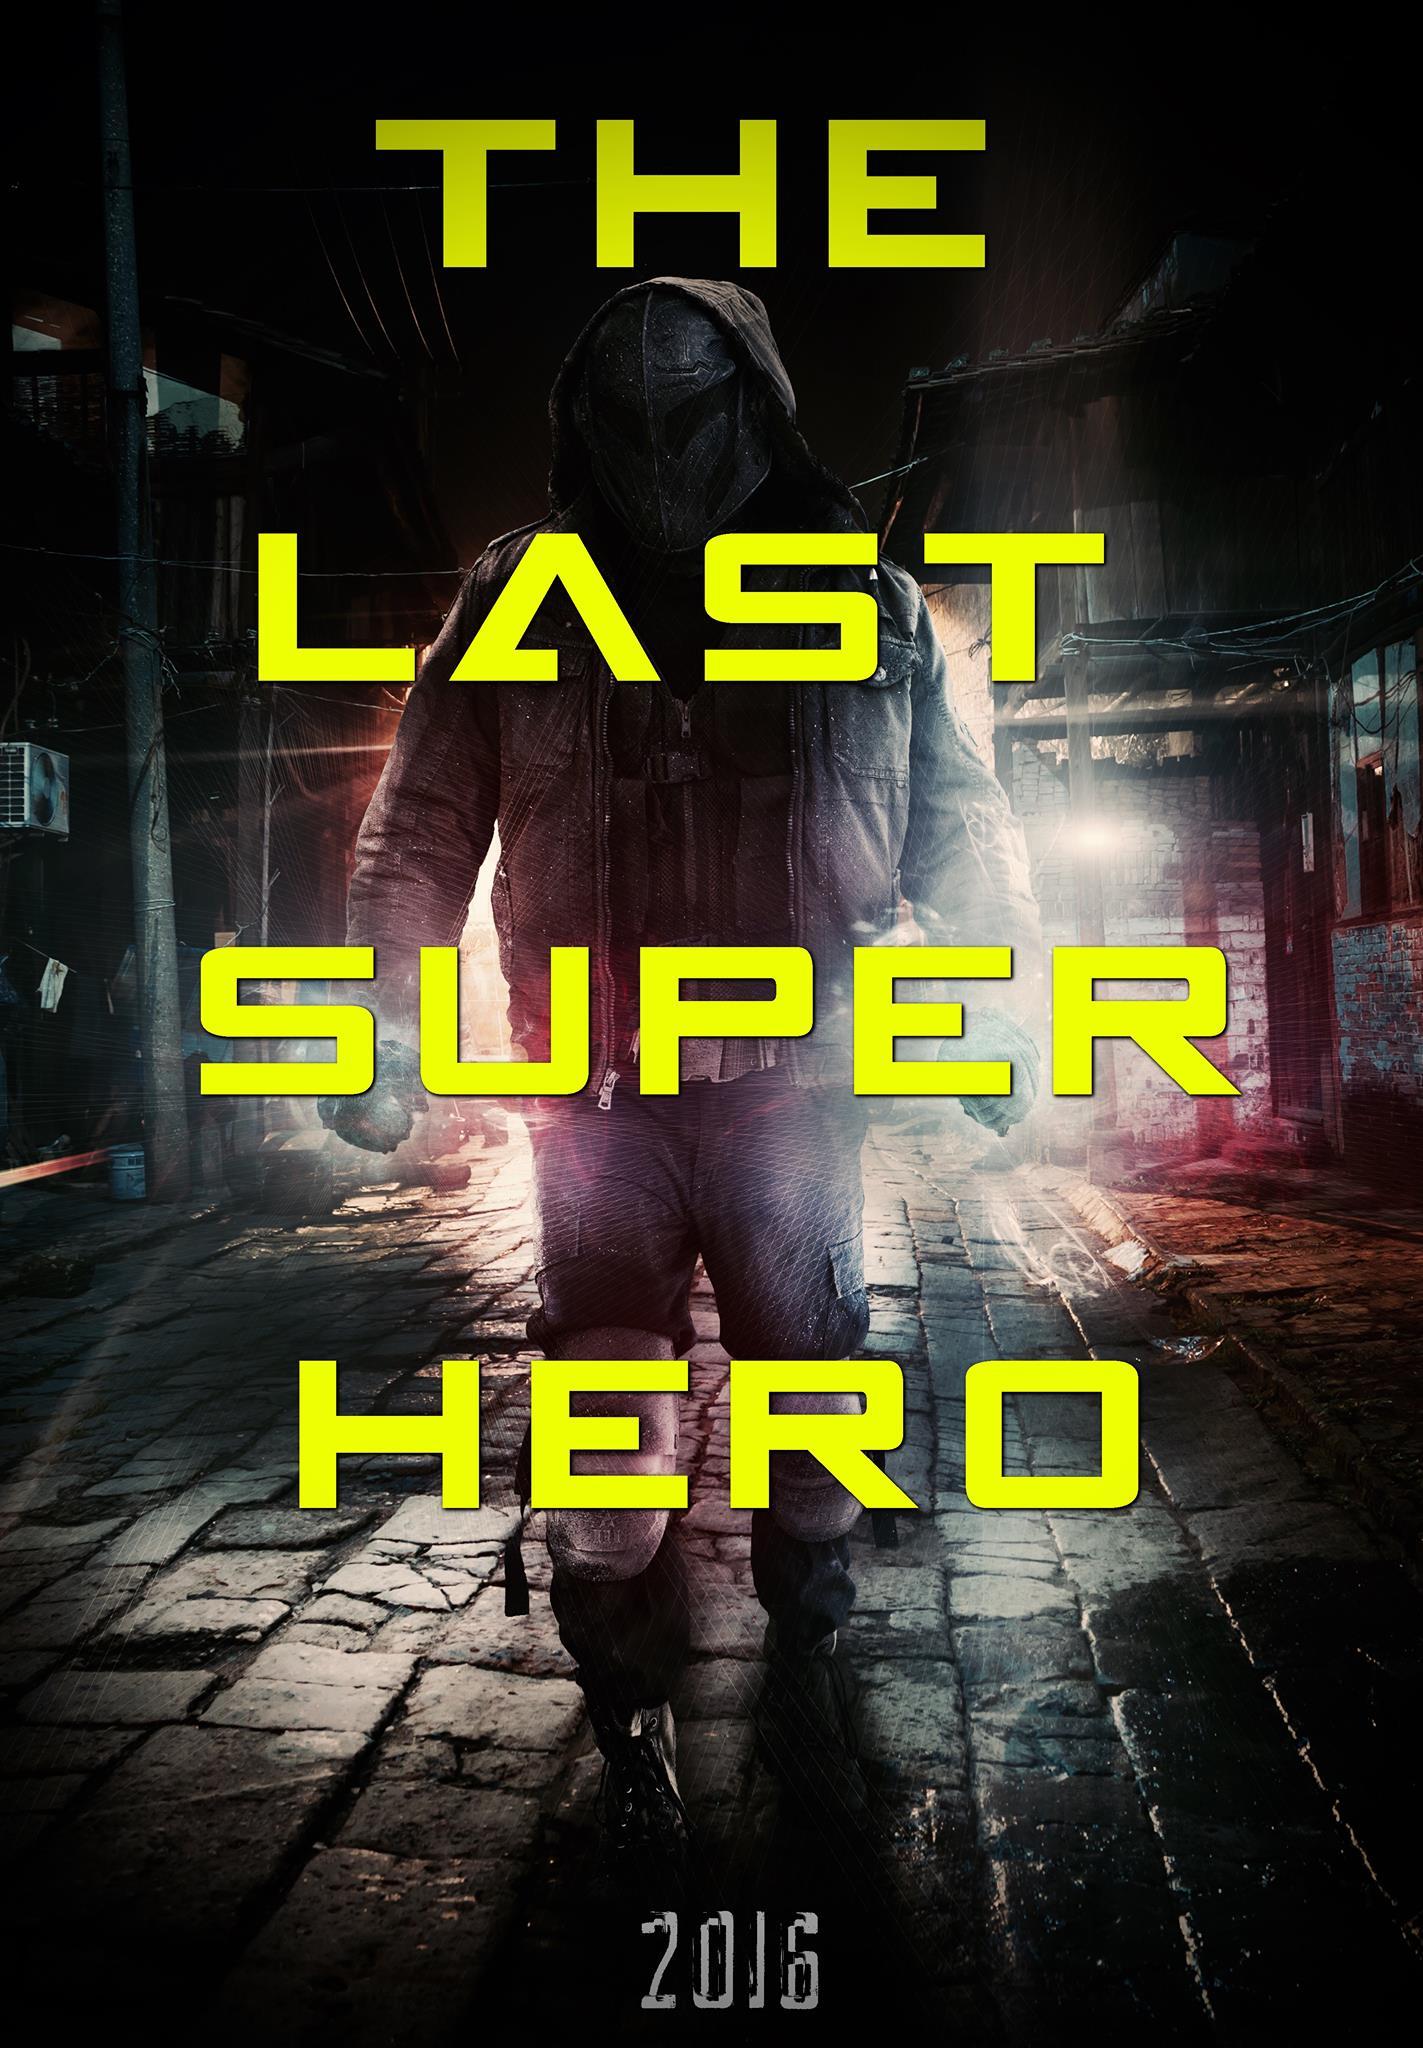 The Last Superhero